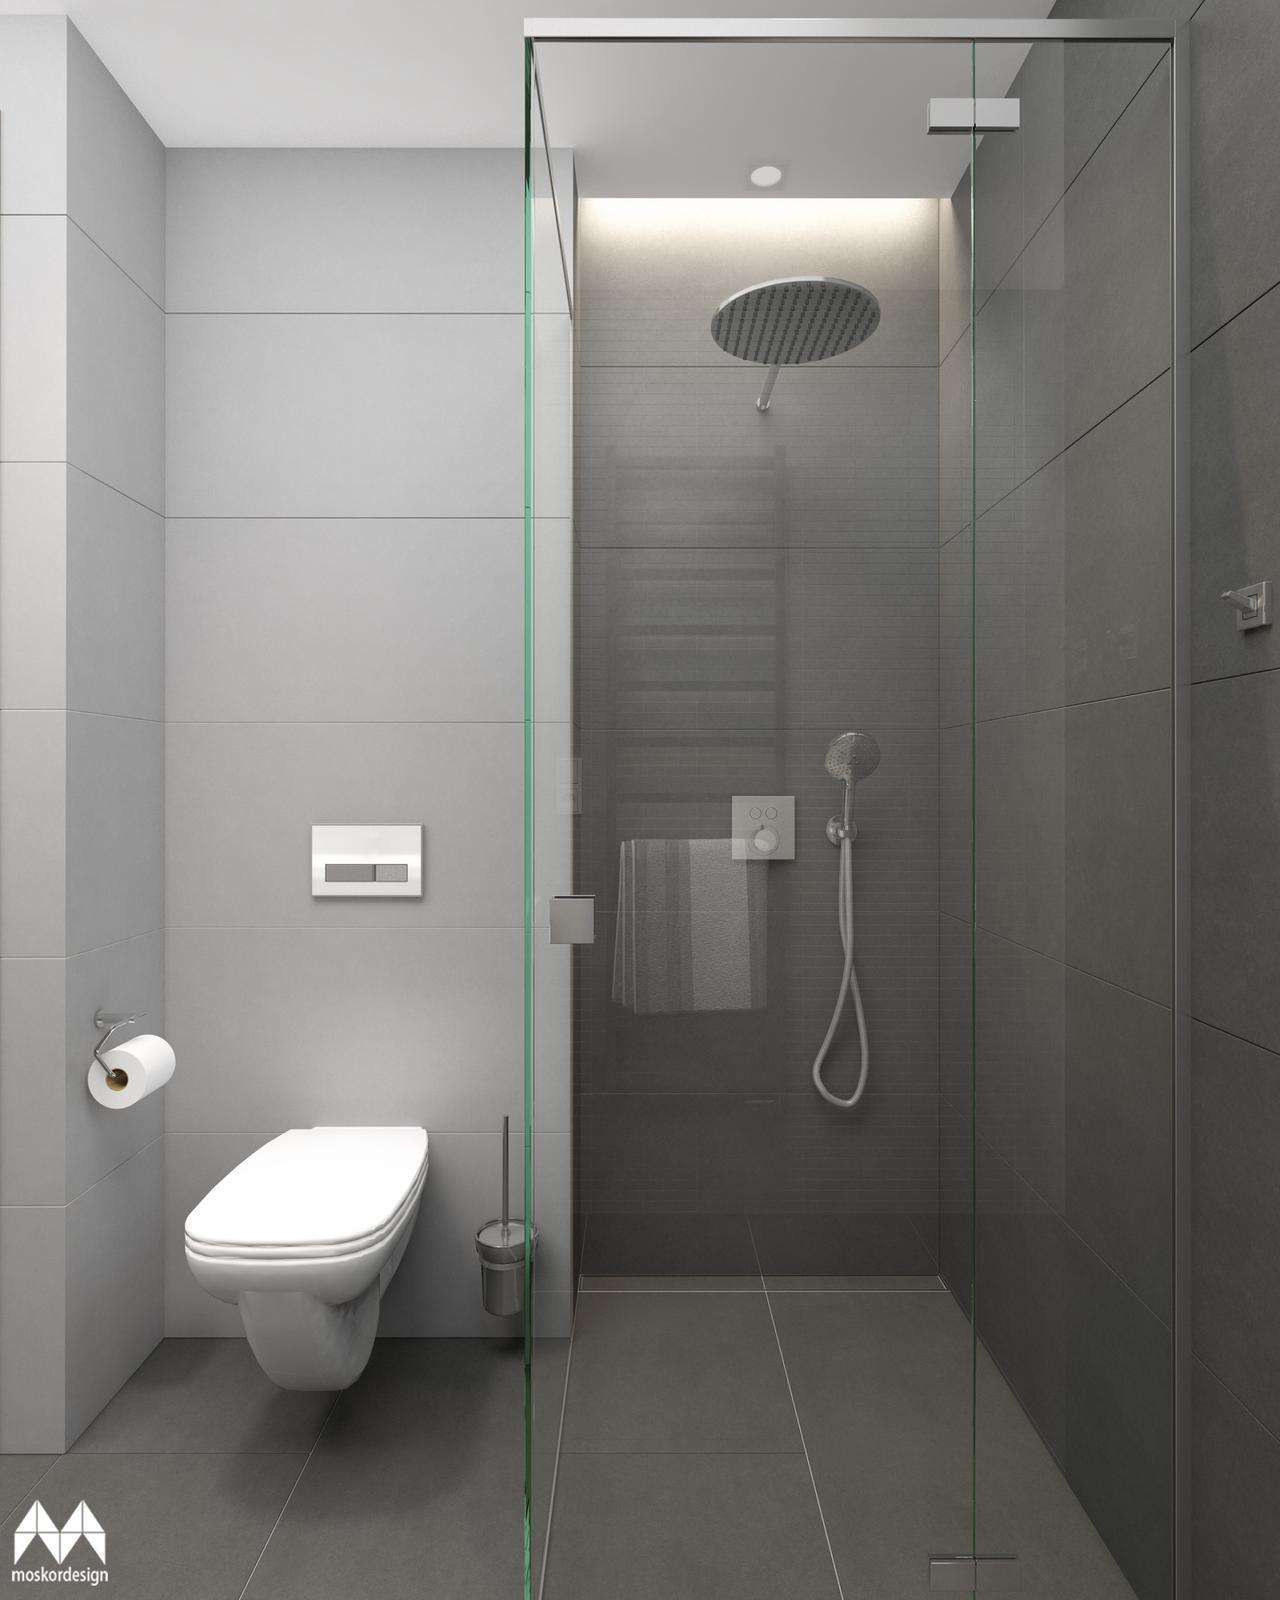 Rekonstrukce domu pro mladého muže - koupelna - pohled na sprchovy kout